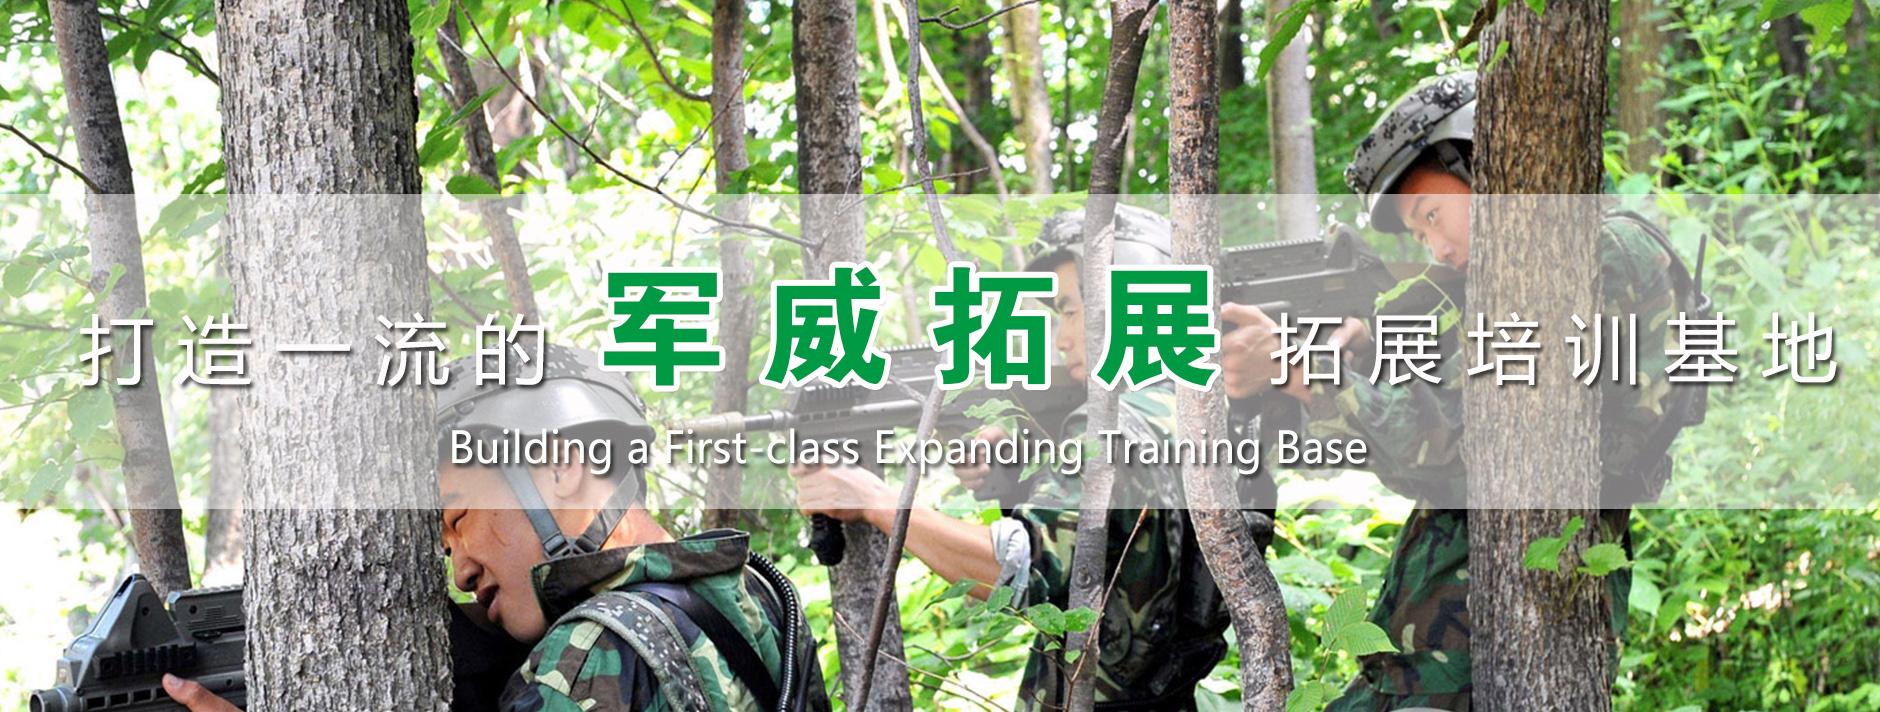 拓展训练的主要目的以及团队中协作的作用